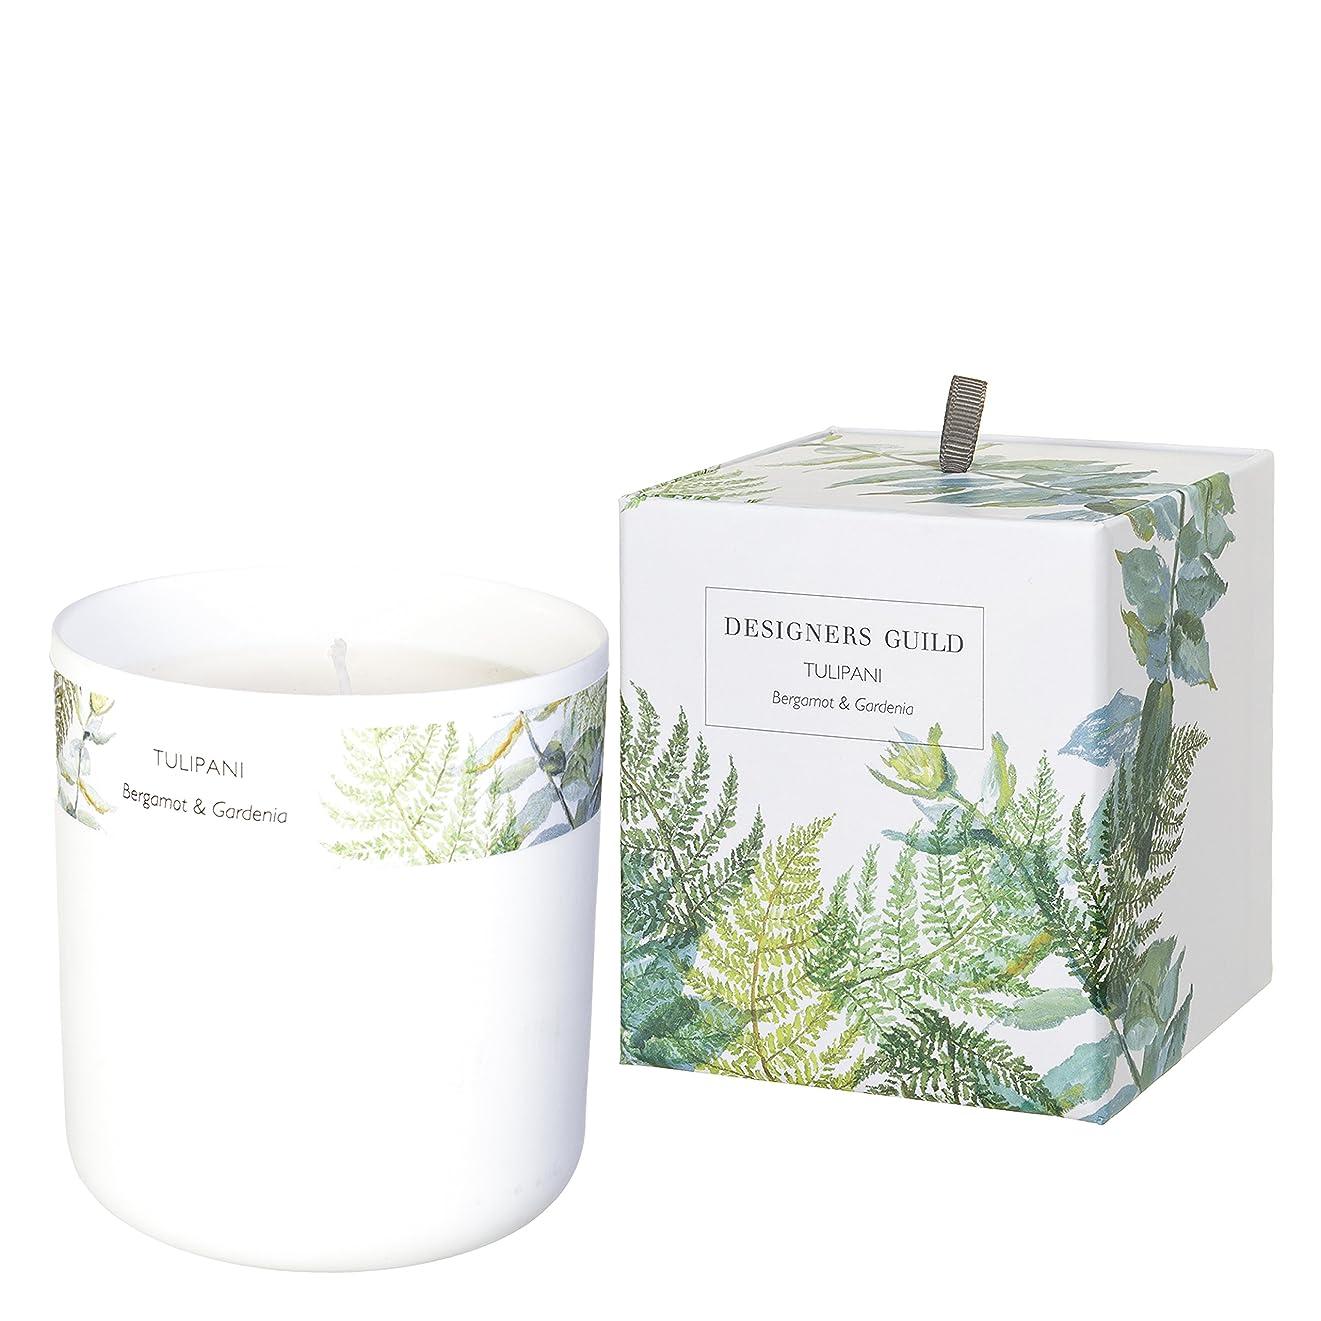 アークホーム相手DESIGNERS GUILD キャンドル TULIPANI - Bergamot & Gardenia